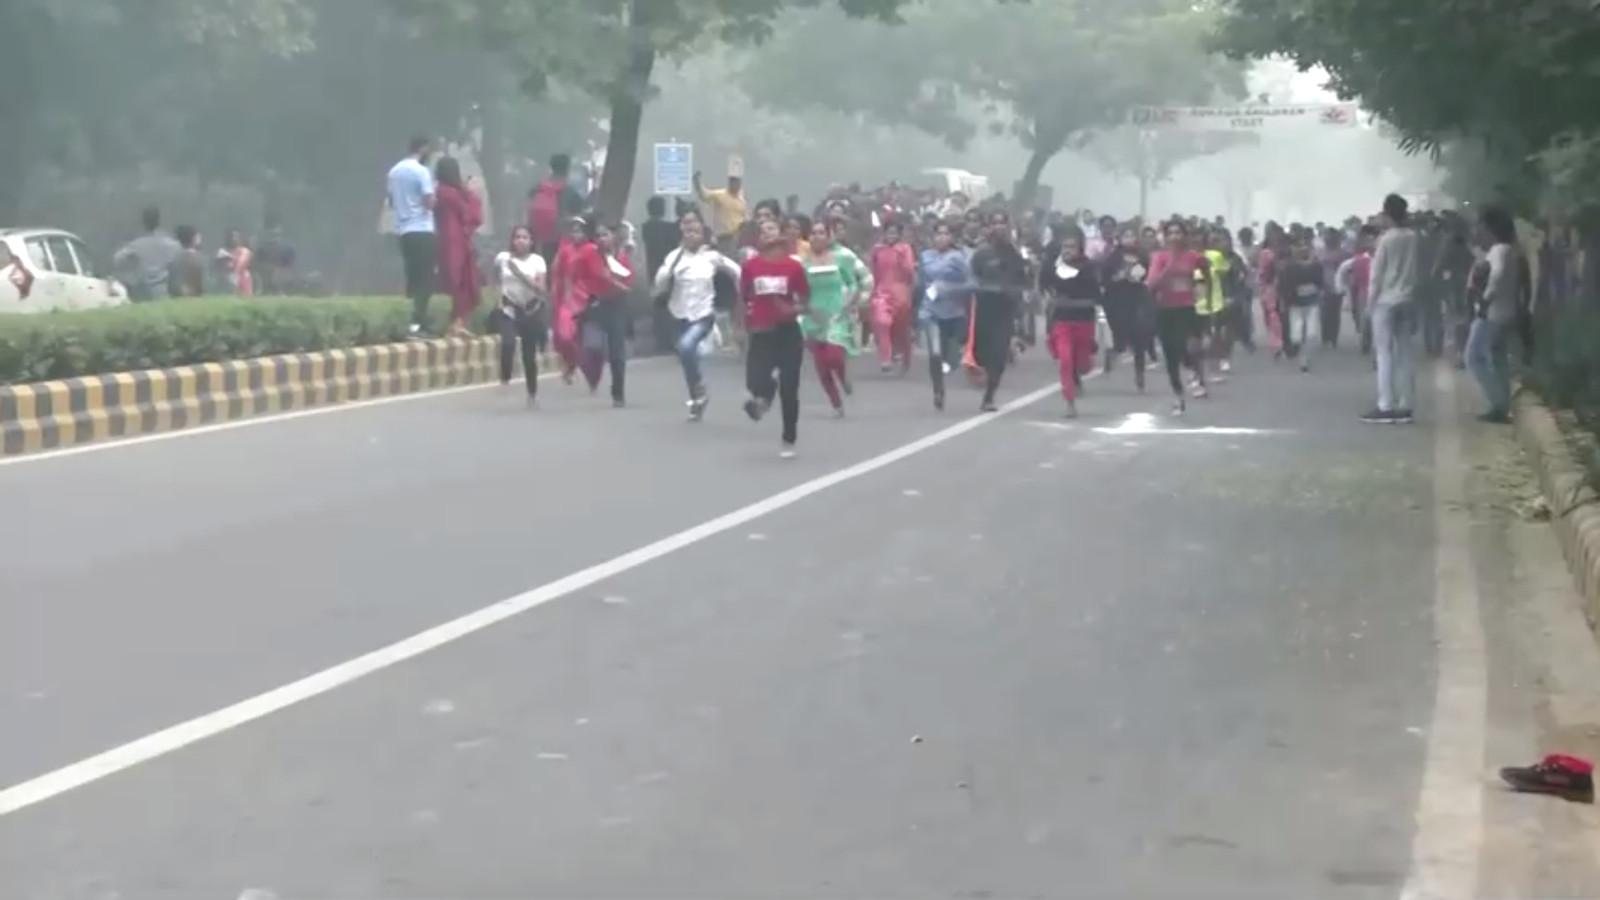 Malgré cette atmosphère empoisonnée, une ONG locale a organisé jeudi matin une course d'enfants dans la ville embrumée, suscitant la colère des réseaux sociaux.